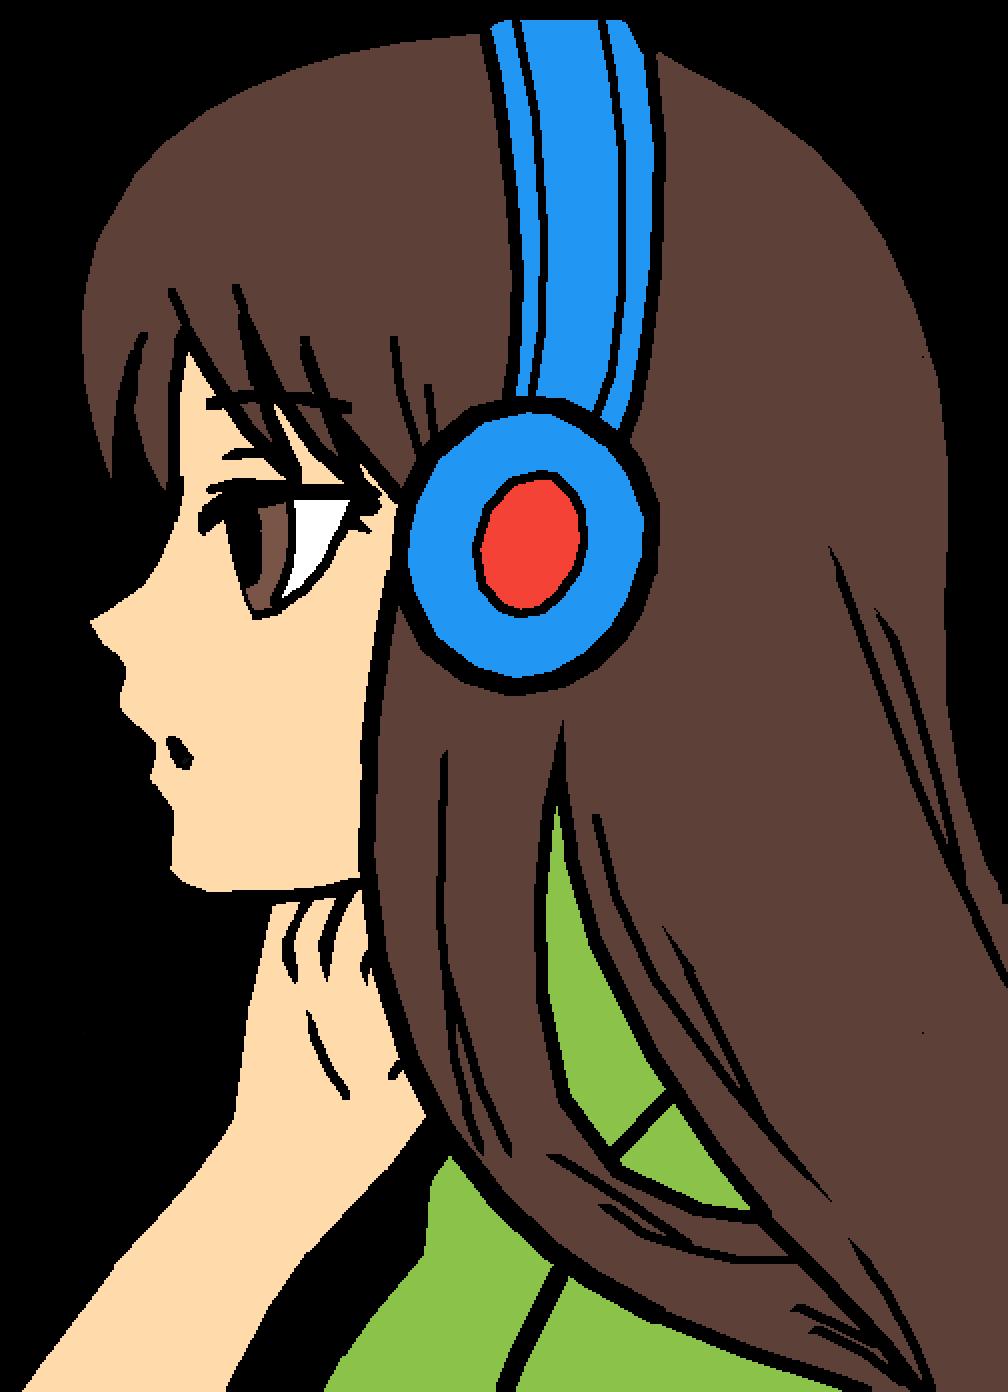 pixilart anime girl template by ninjakiwi11